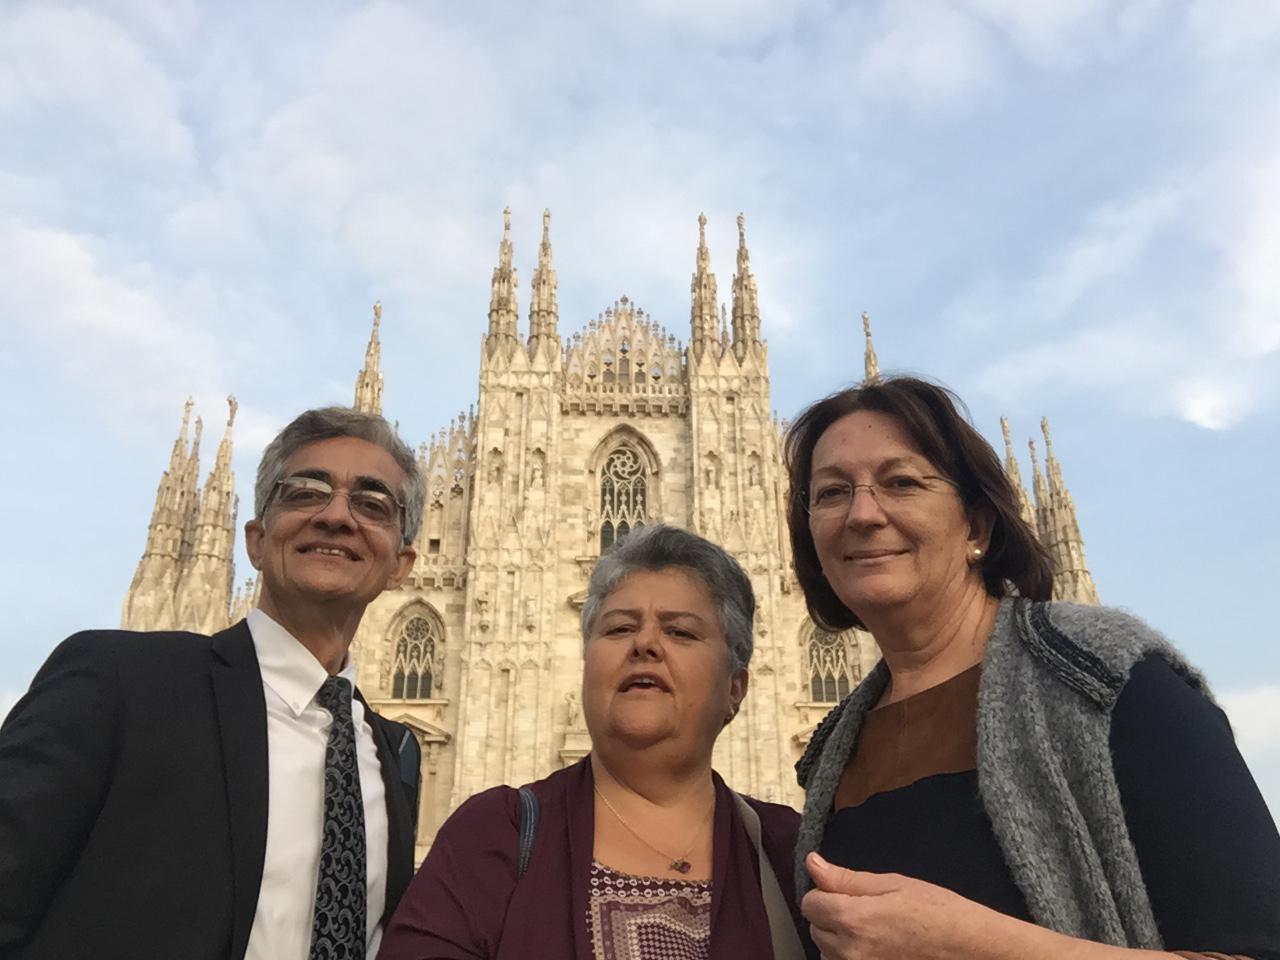 ACVFFI's member in Duomo